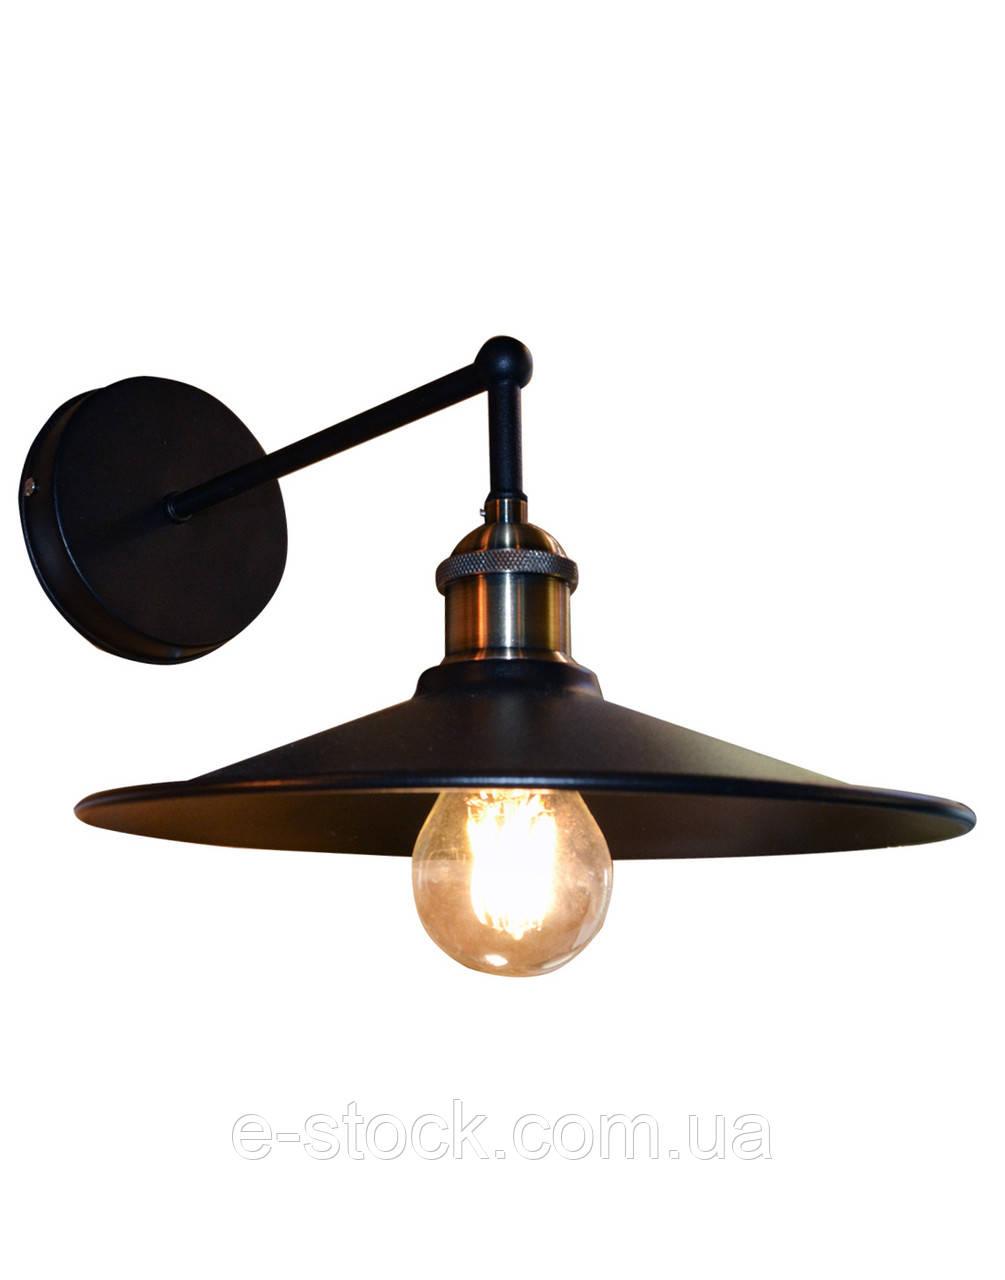 Светильник настенный бра в стиле модерн